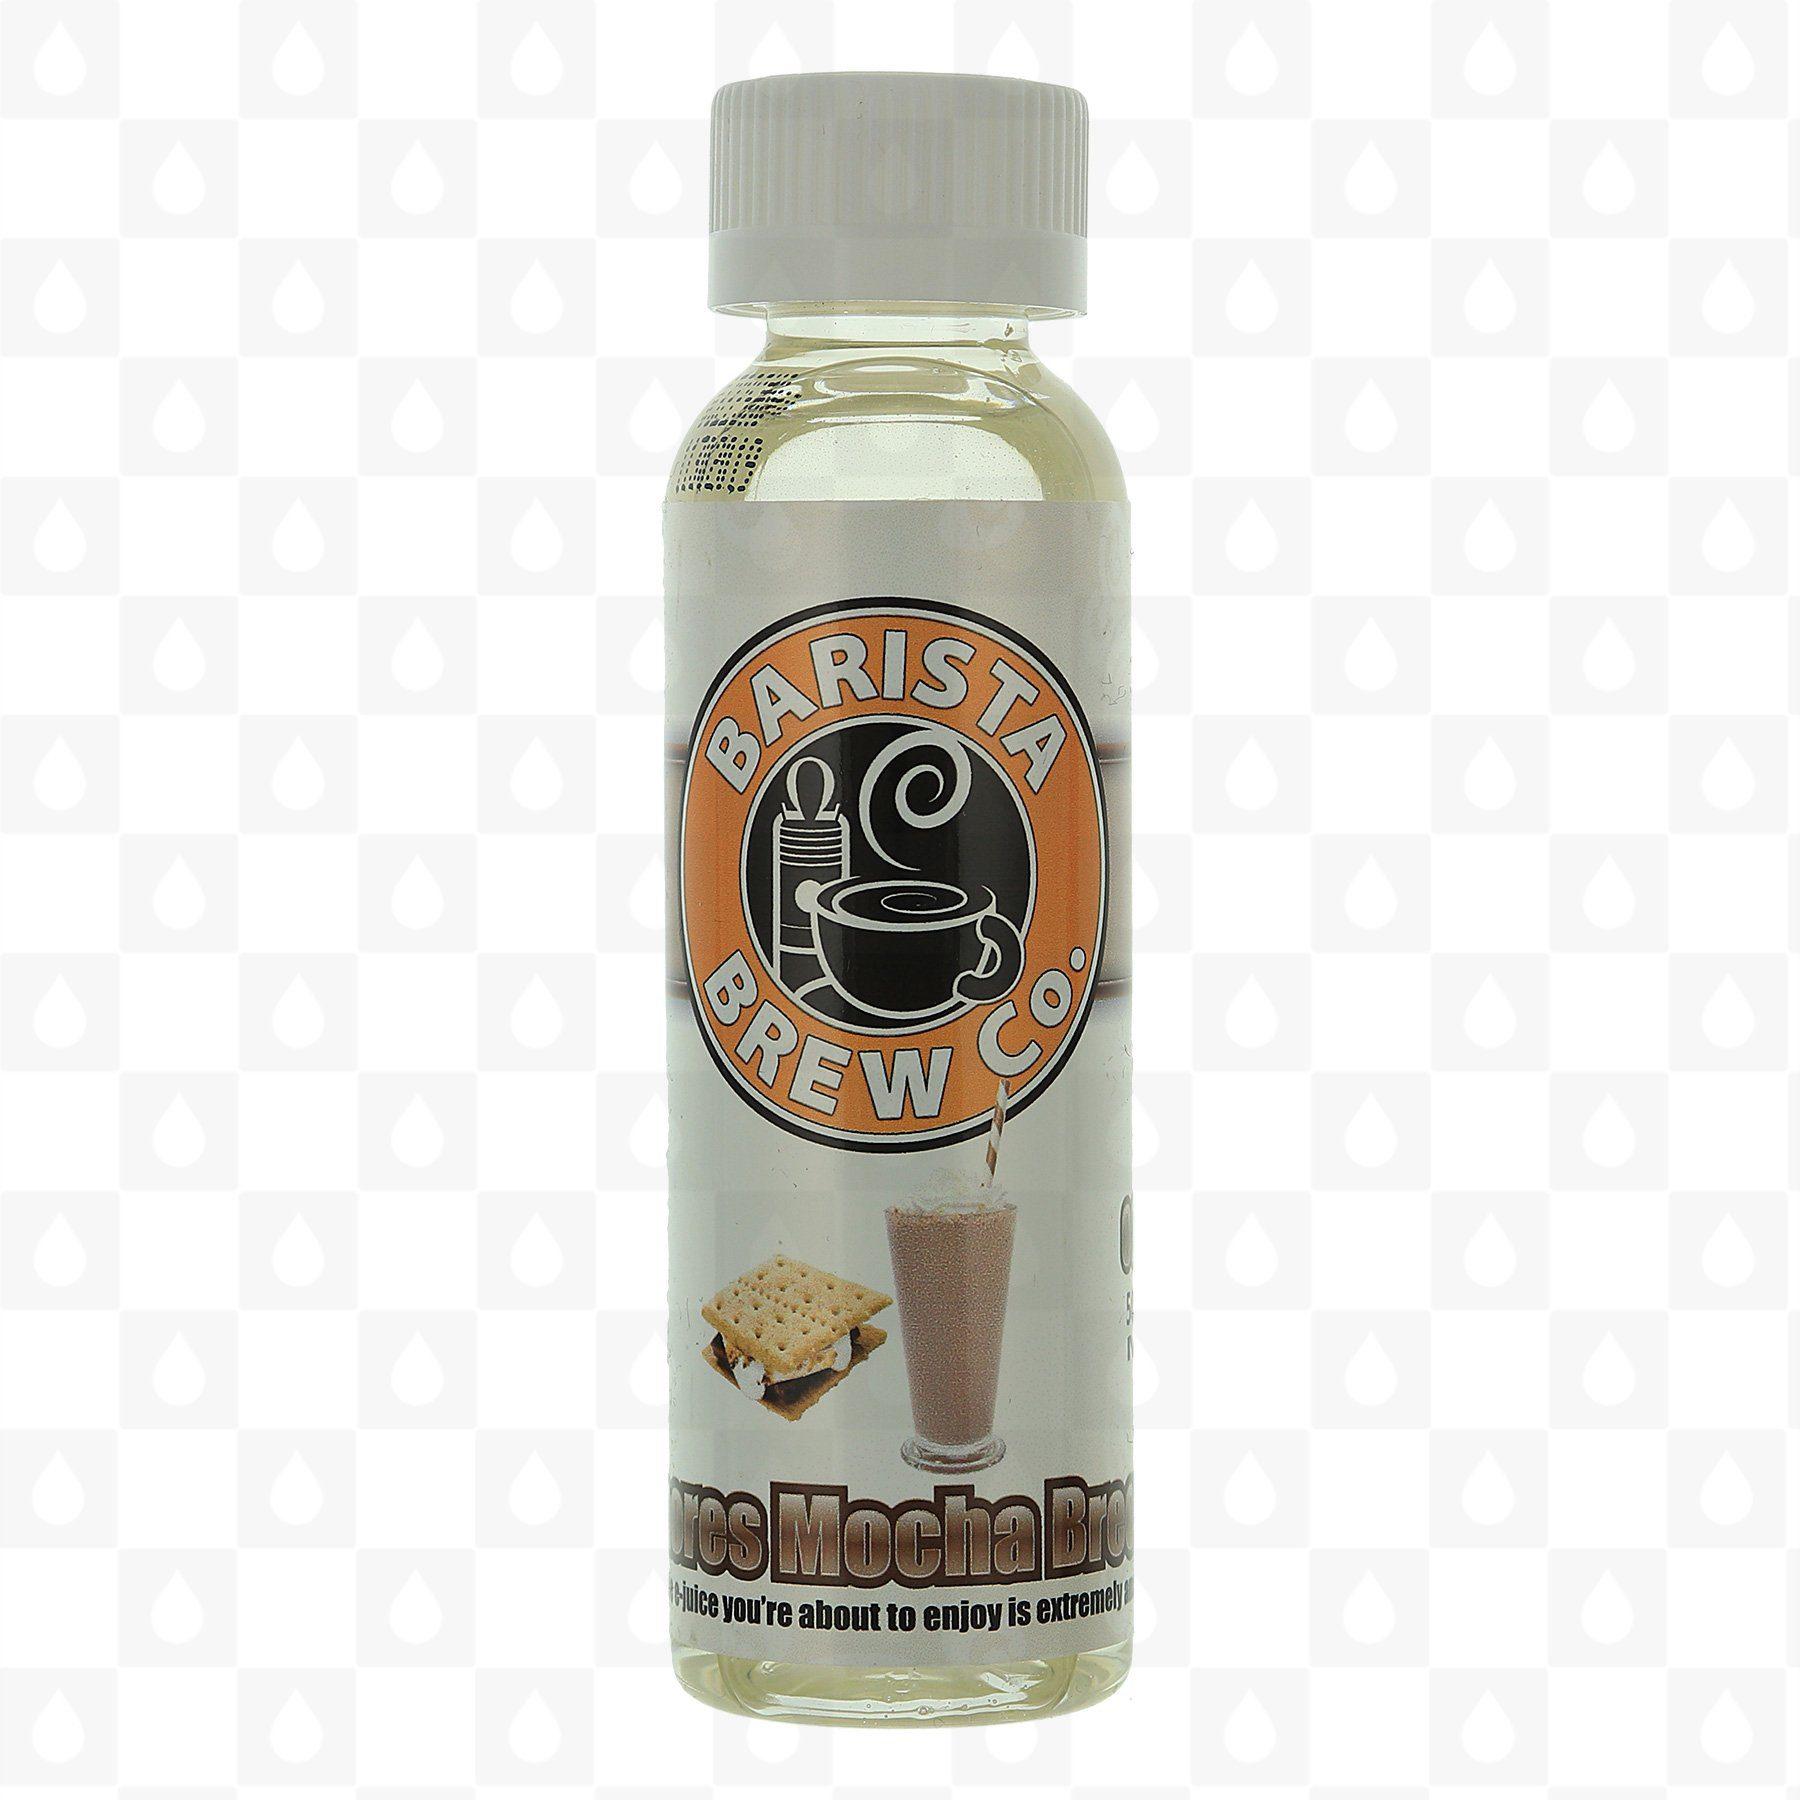 Barista Brew Co S'mores Mocha Breeze 50ml Shortfill E-Liquid